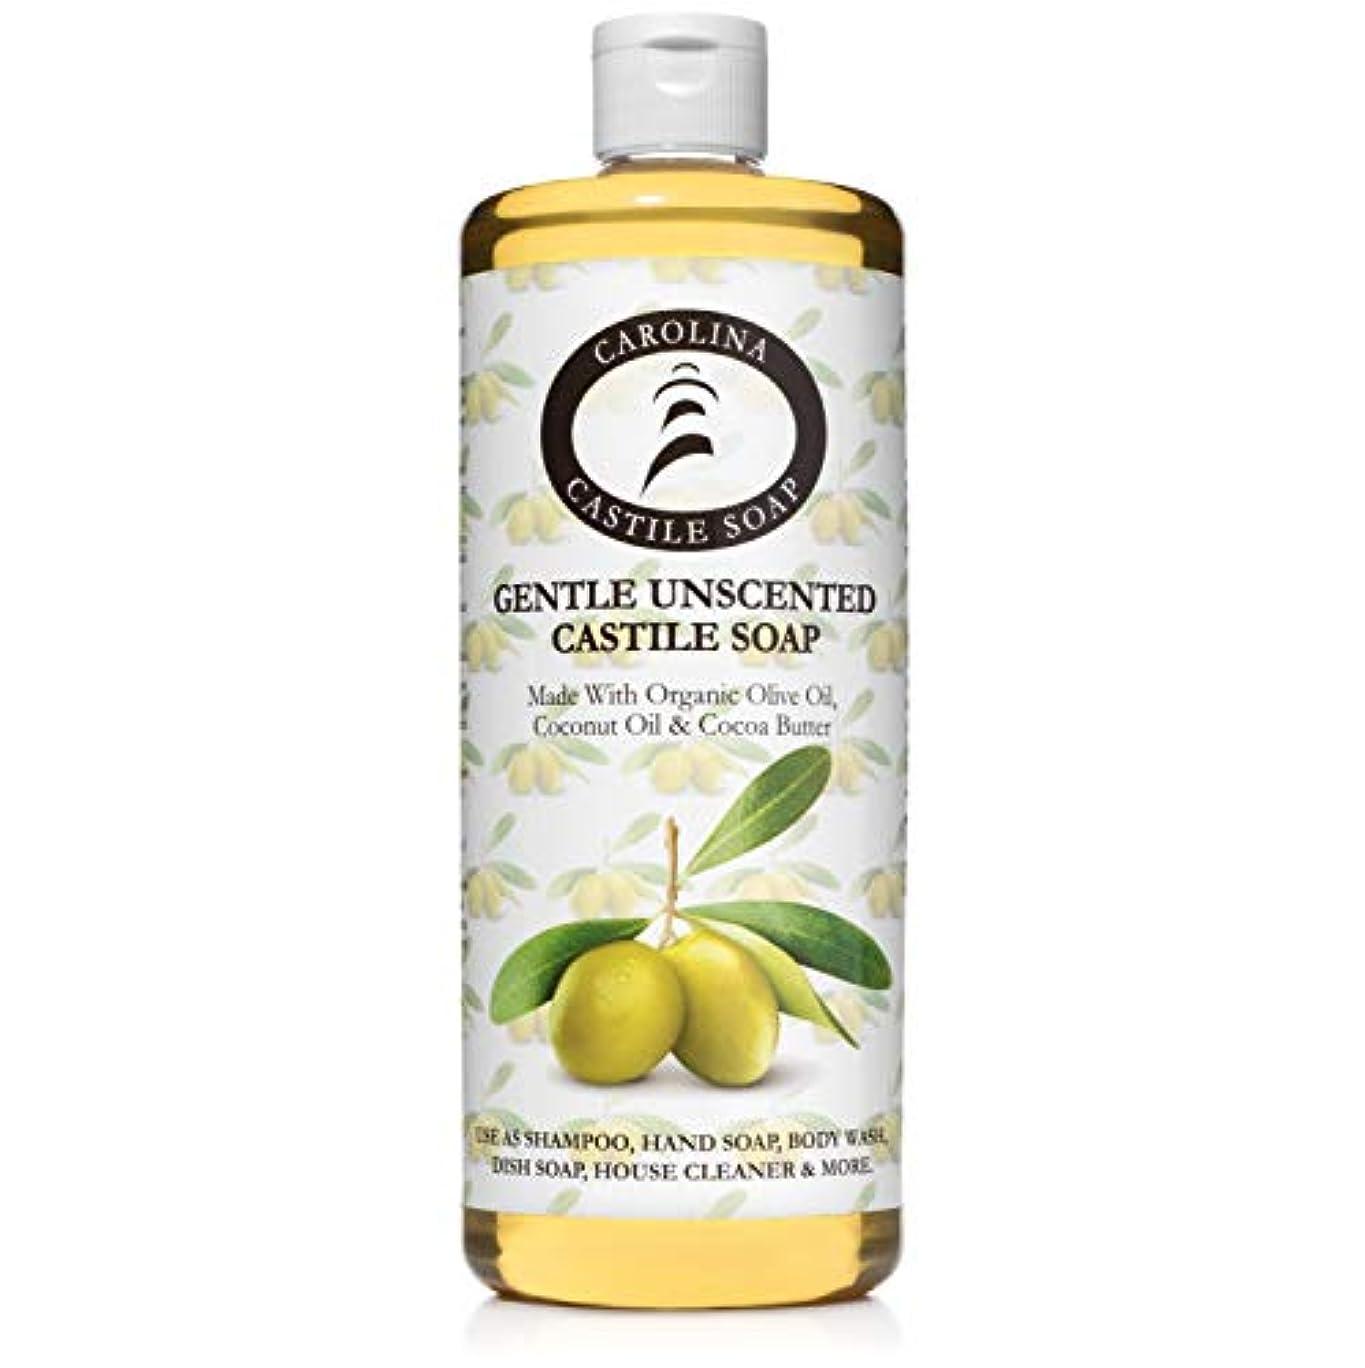 ピンチ減らす借りるCarolina Castile Soap ジェントル無香料認定オーガニック 32オズ